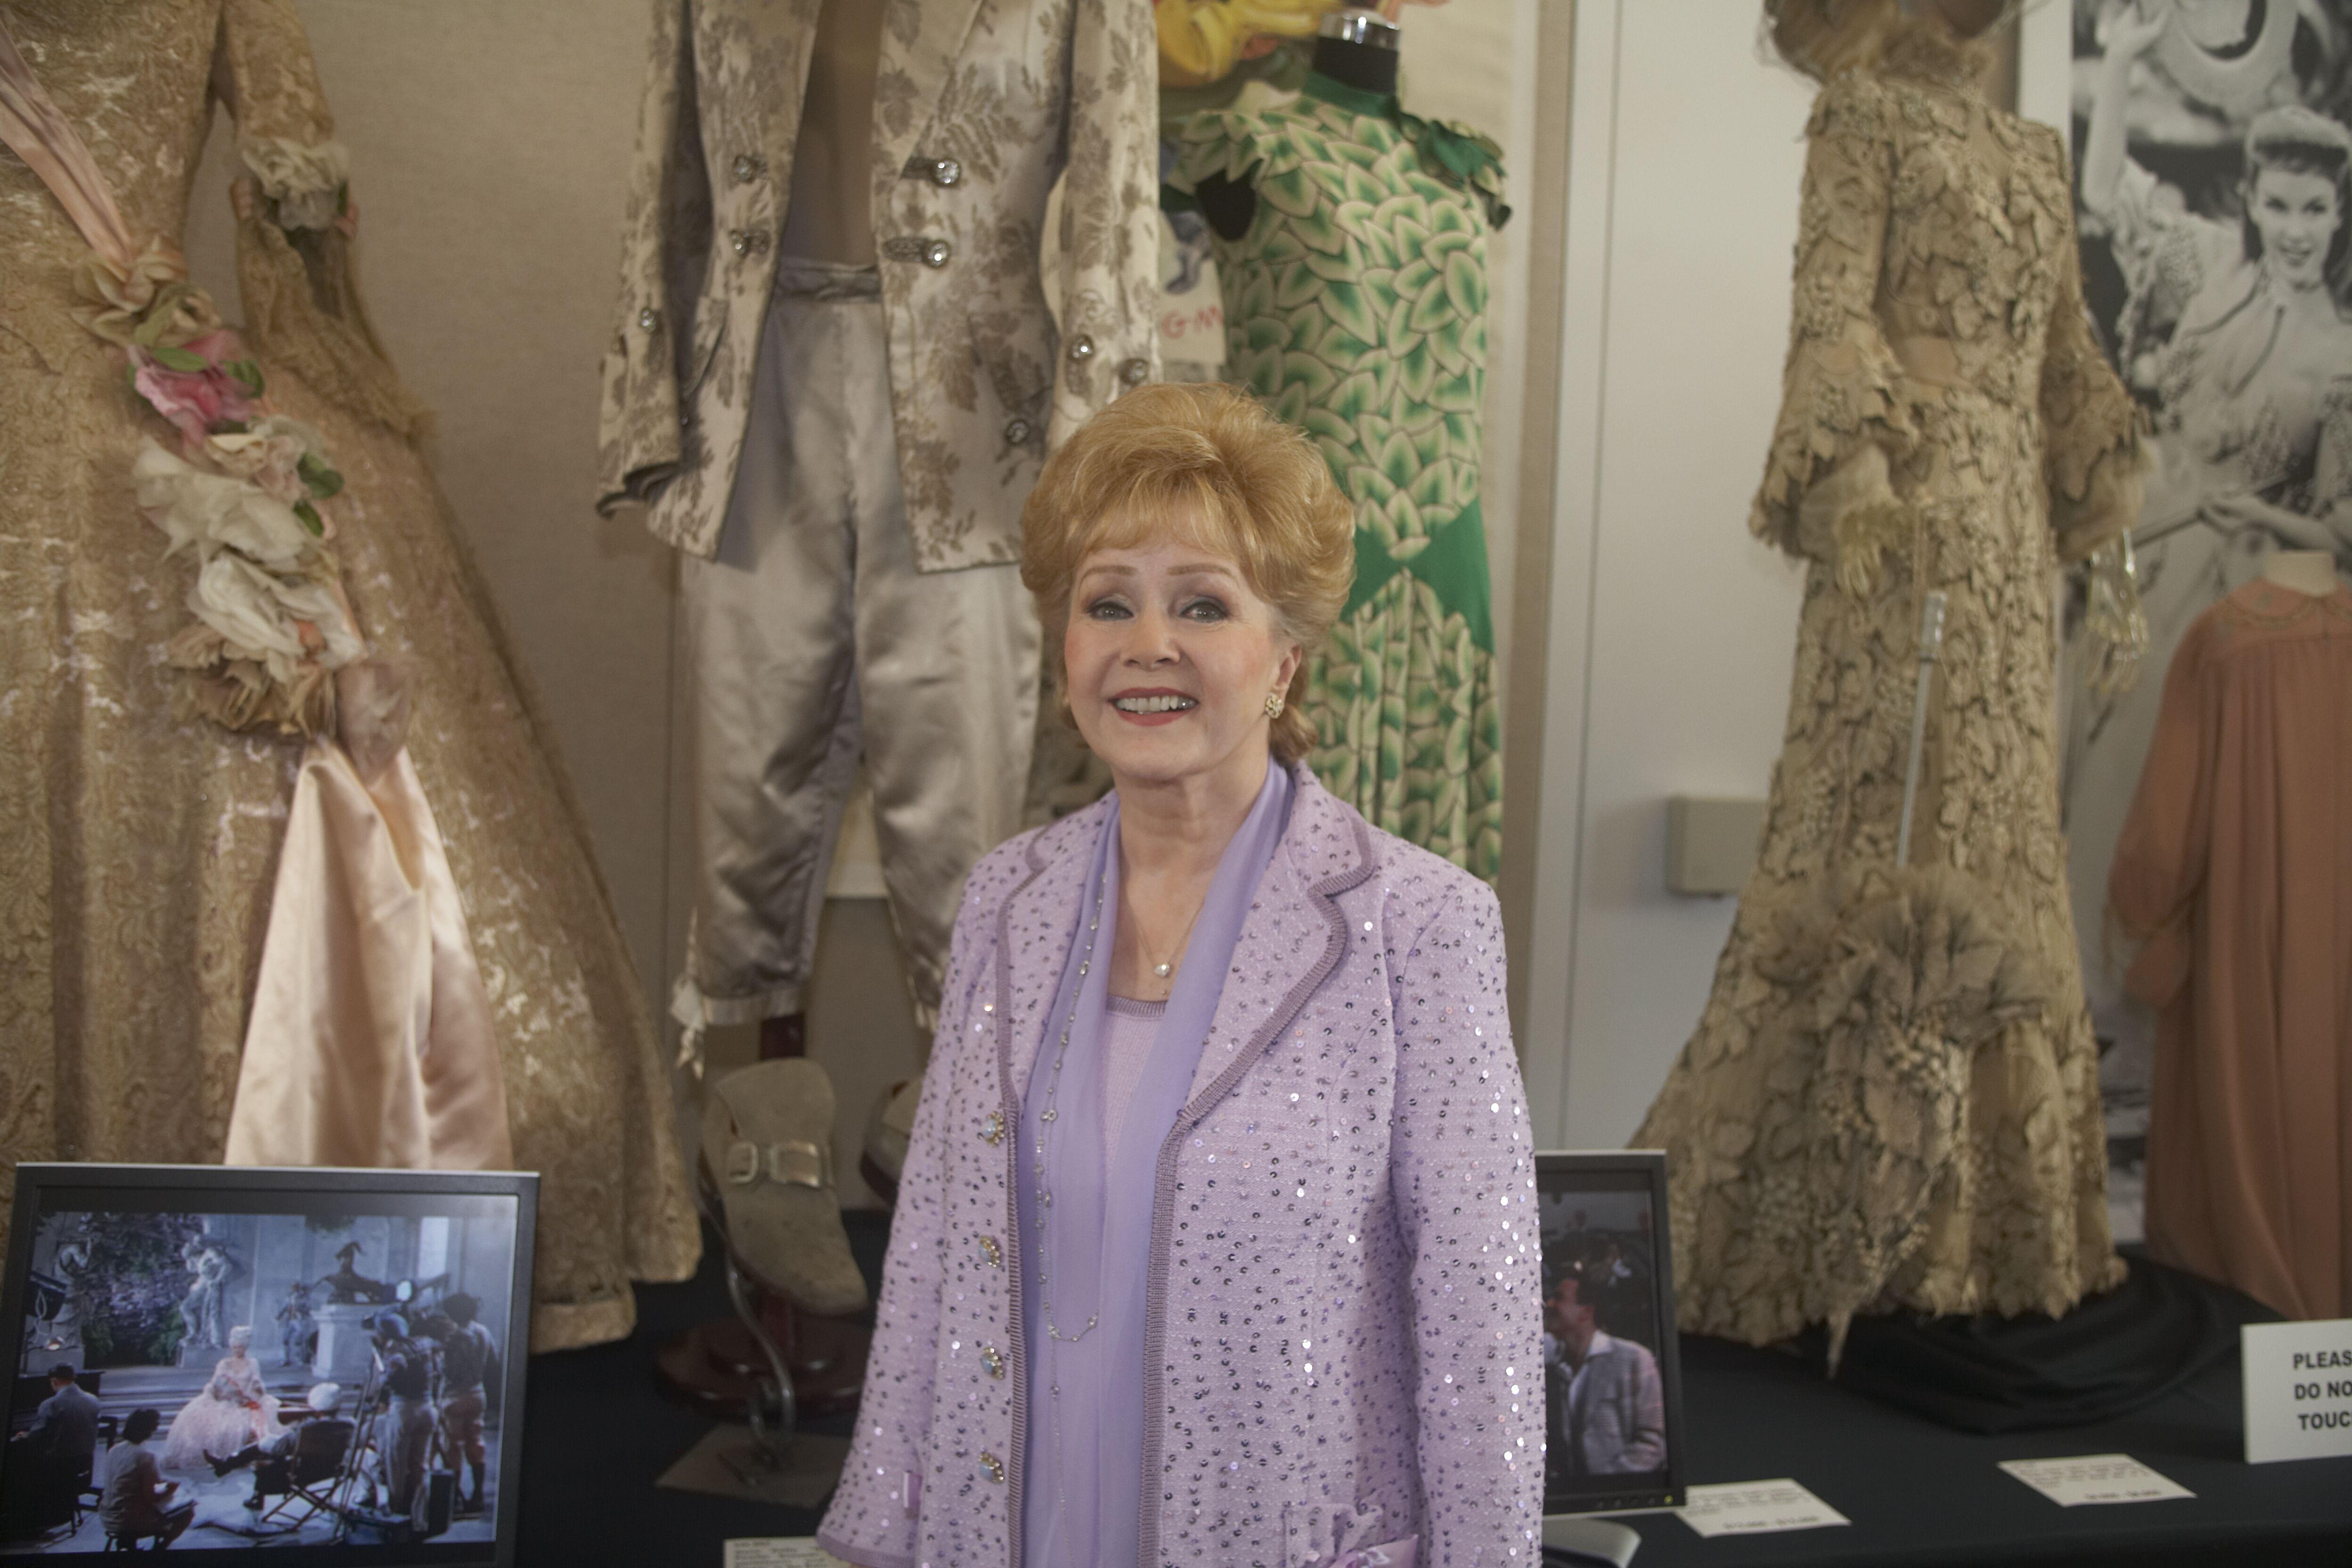 Debbie Reynolds Collection of Hollywood costumes and props - Tiene mas de 5000 piezas entre vestidos y complementos de vestuario de Holywood